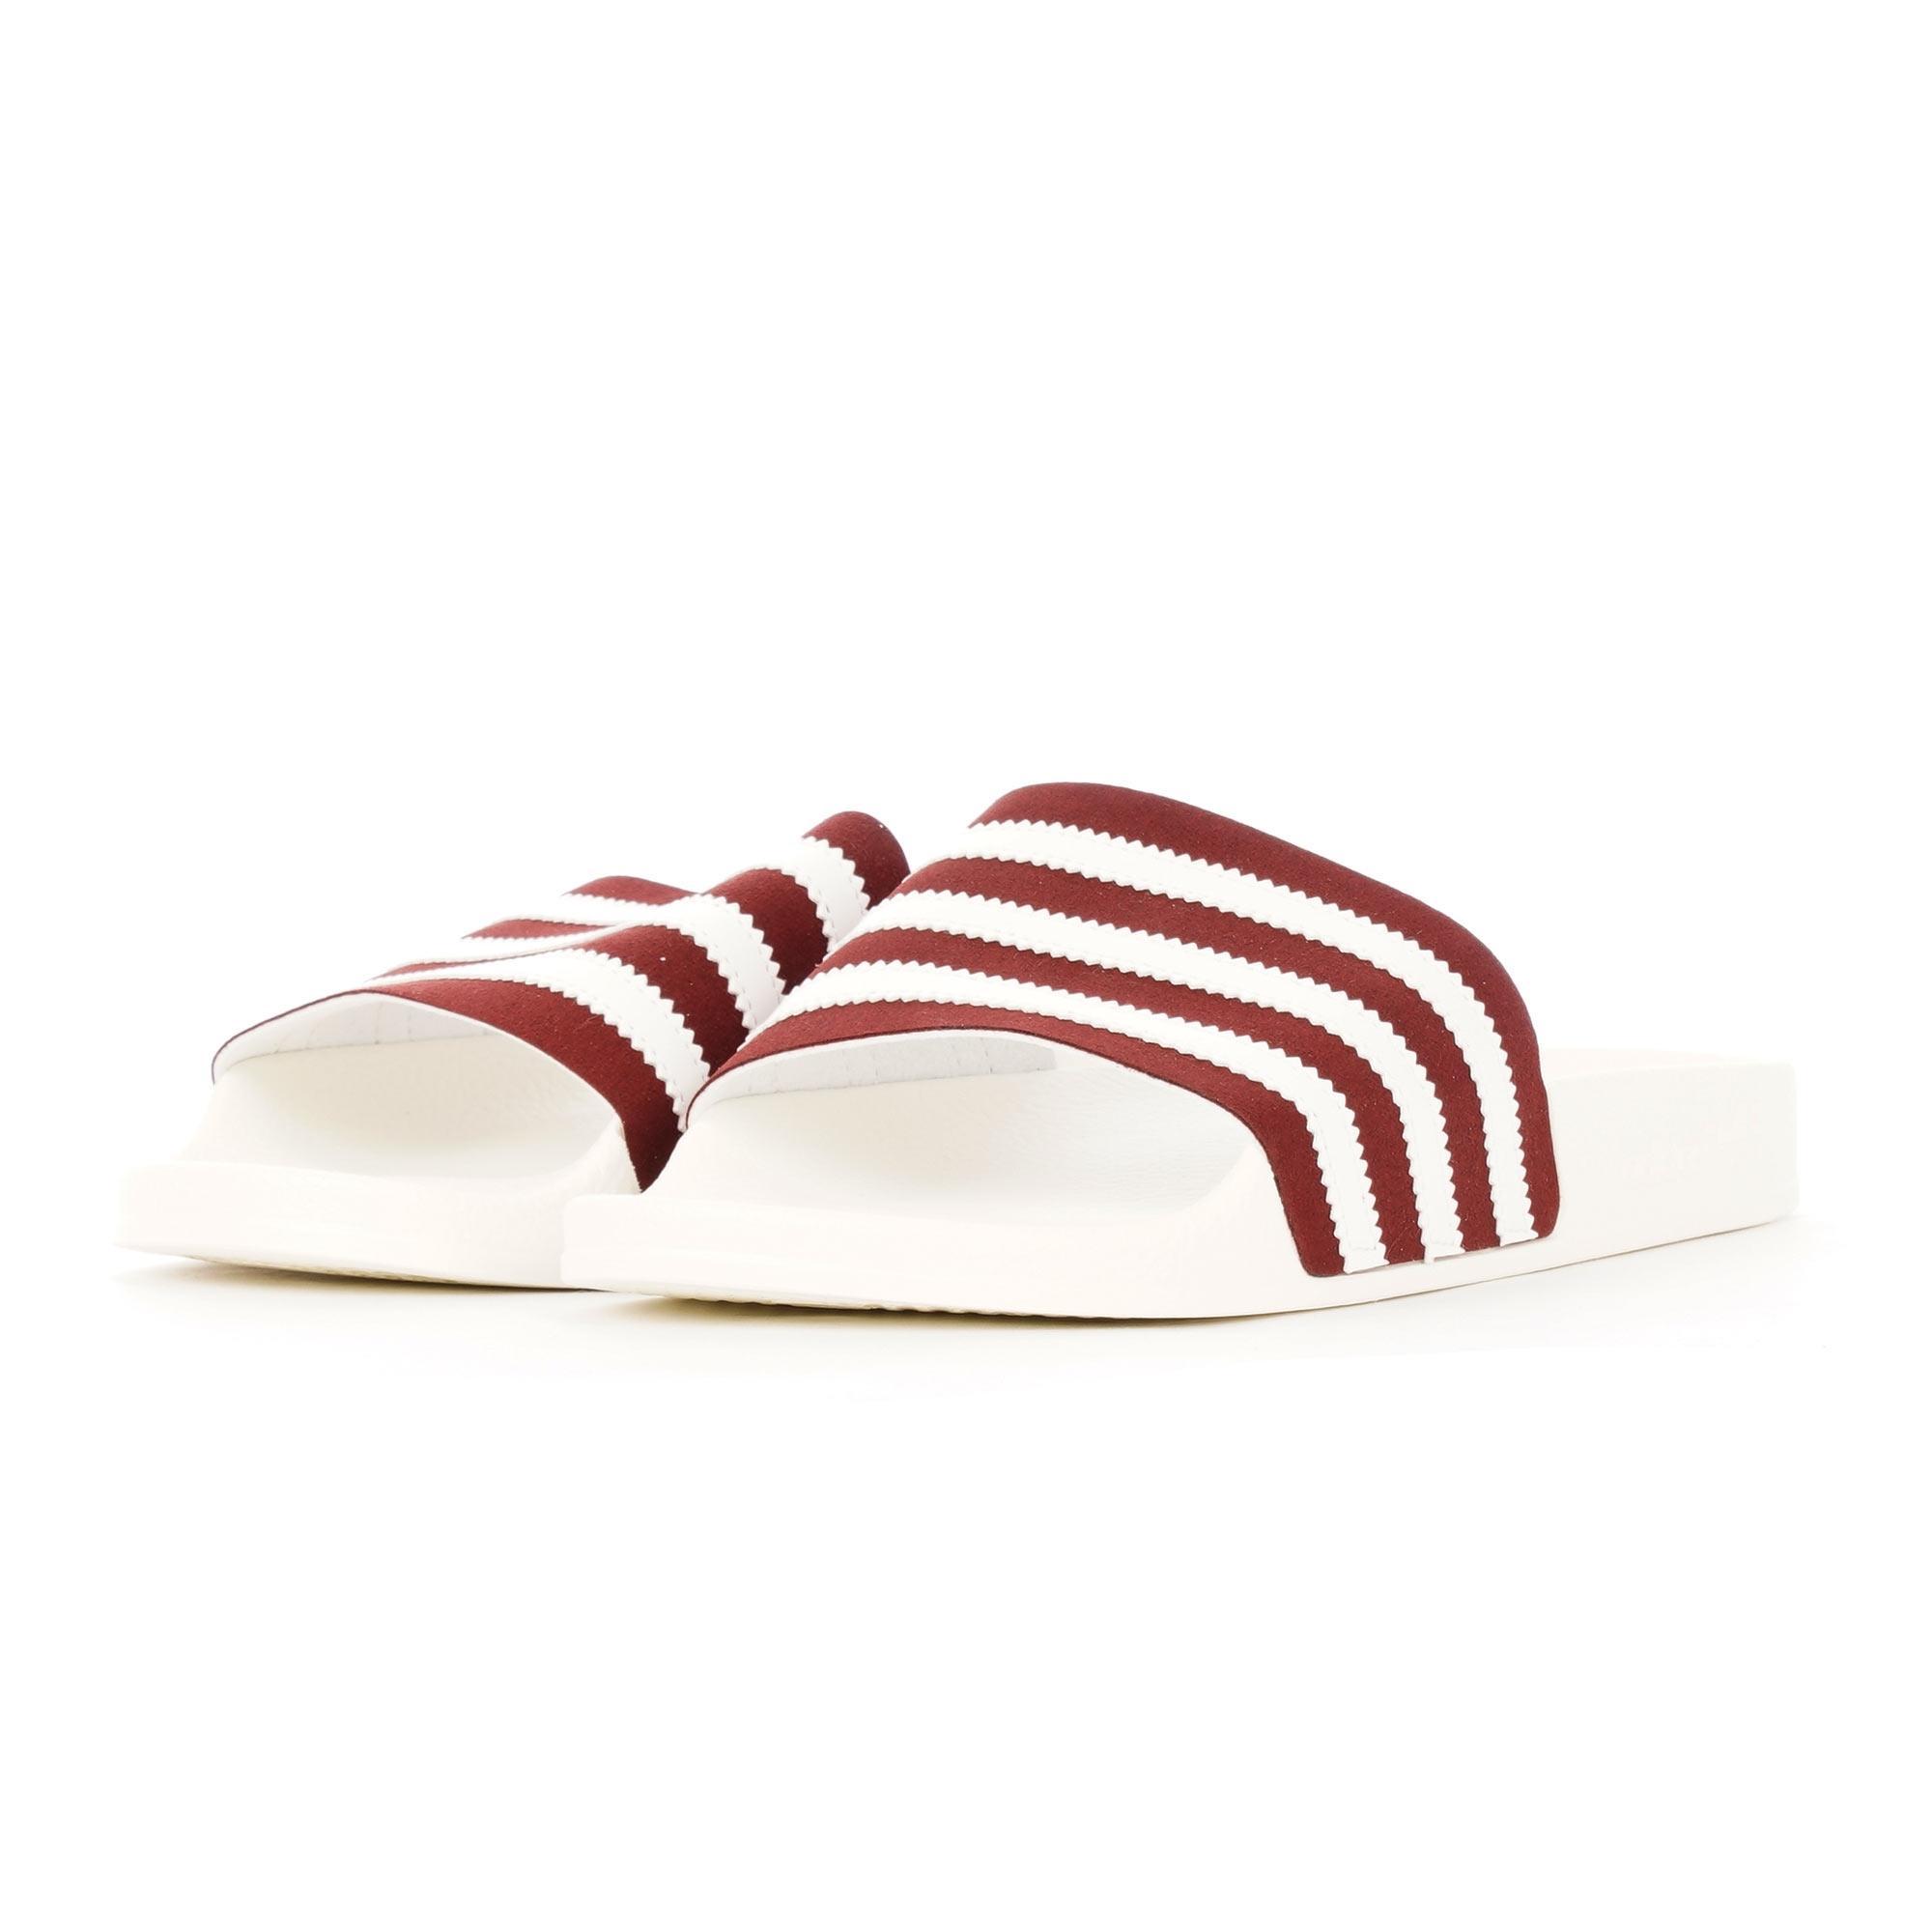 37976c24d Lyst - adidas Originals Adilette Slides - Collegiate Burgundy